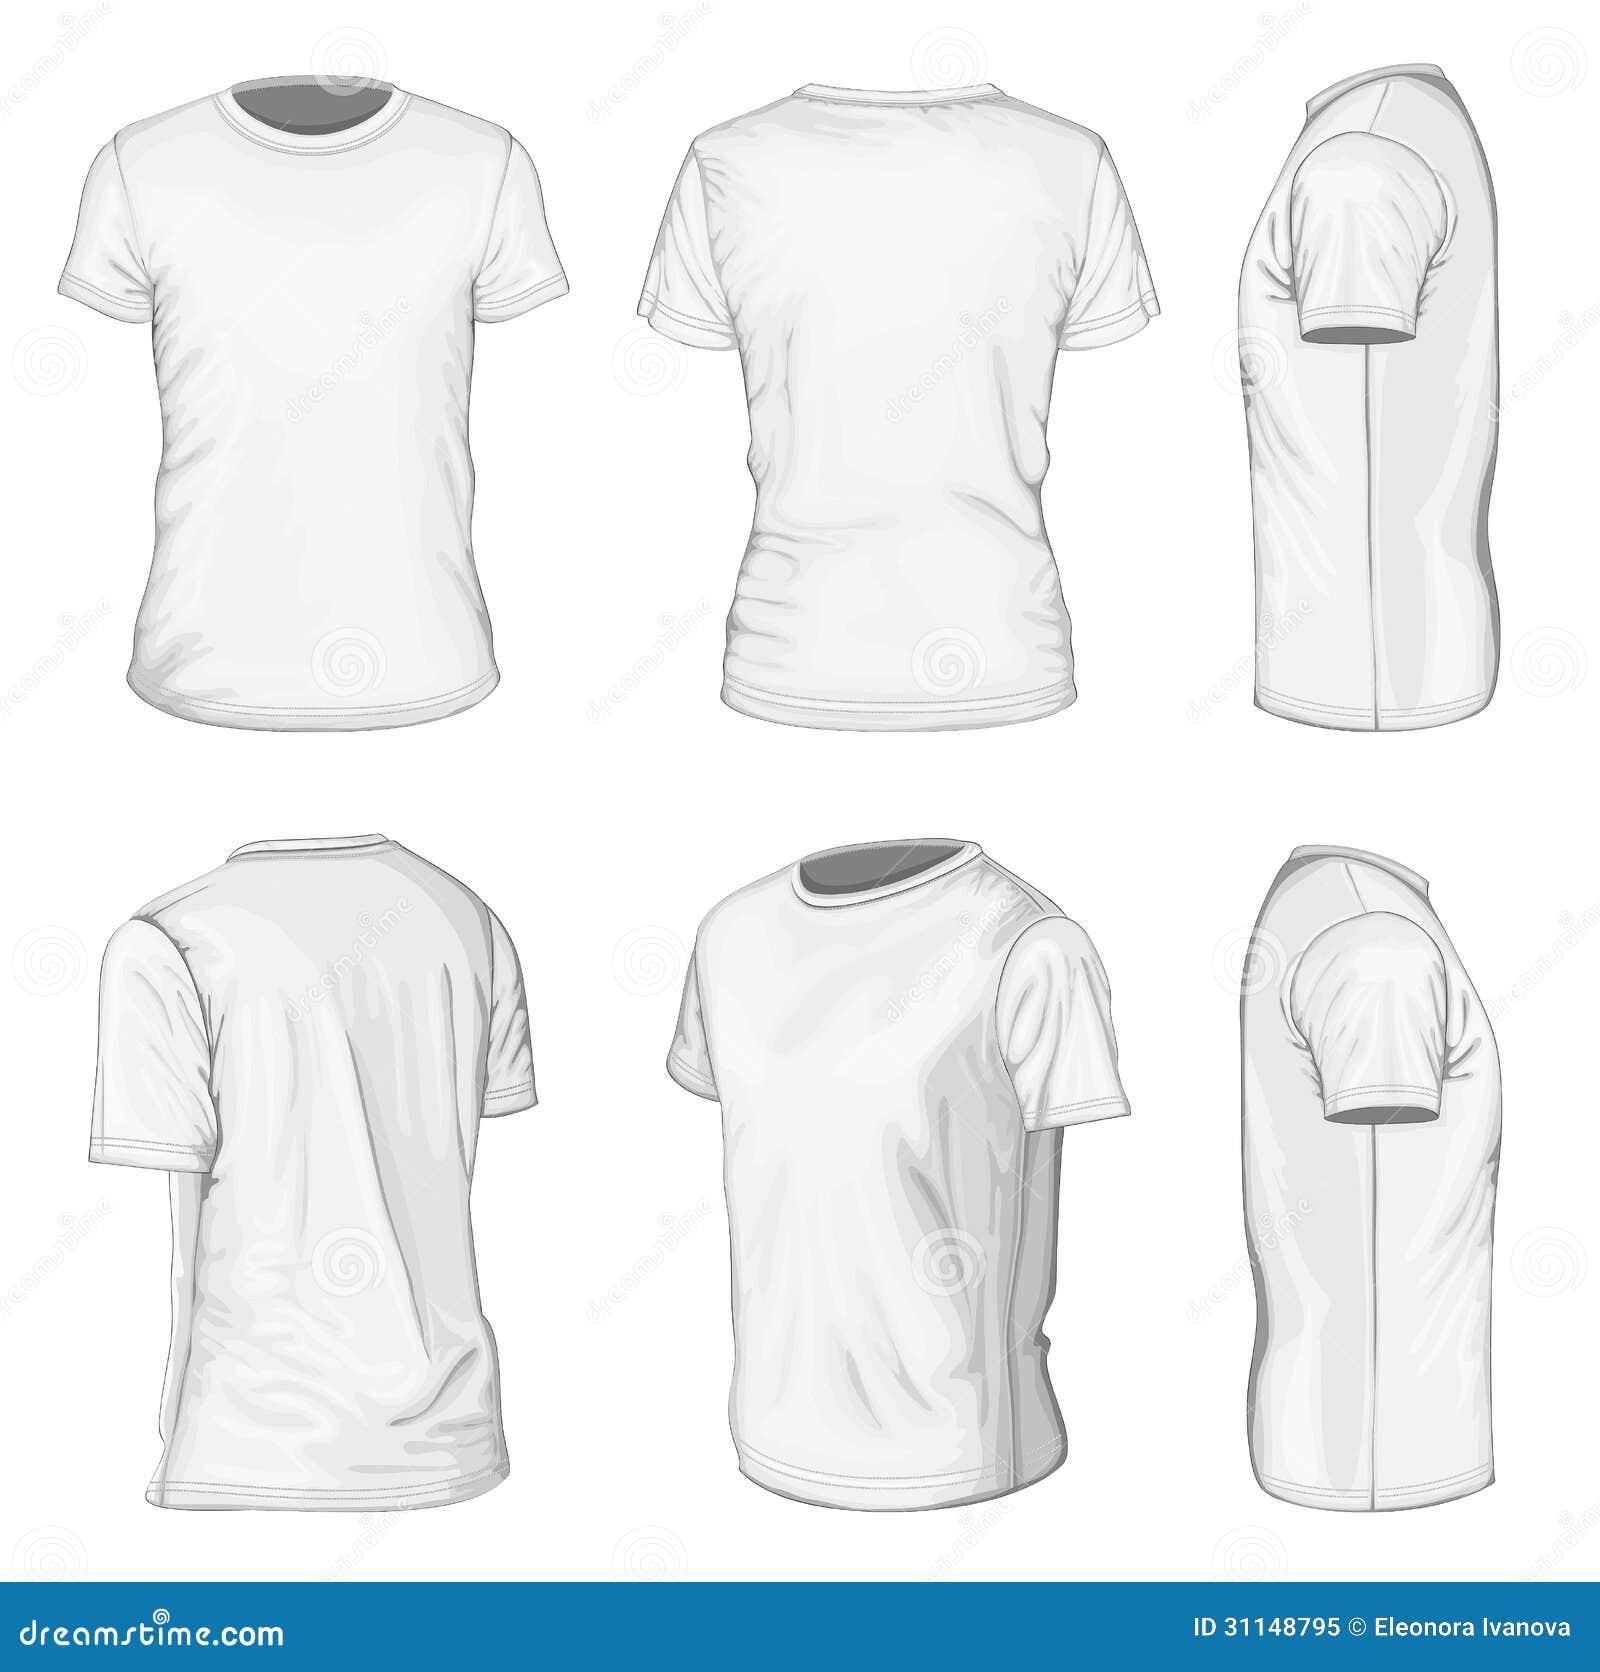 Men's White Short Sleeve T-shirt Design Templates Royalty ...